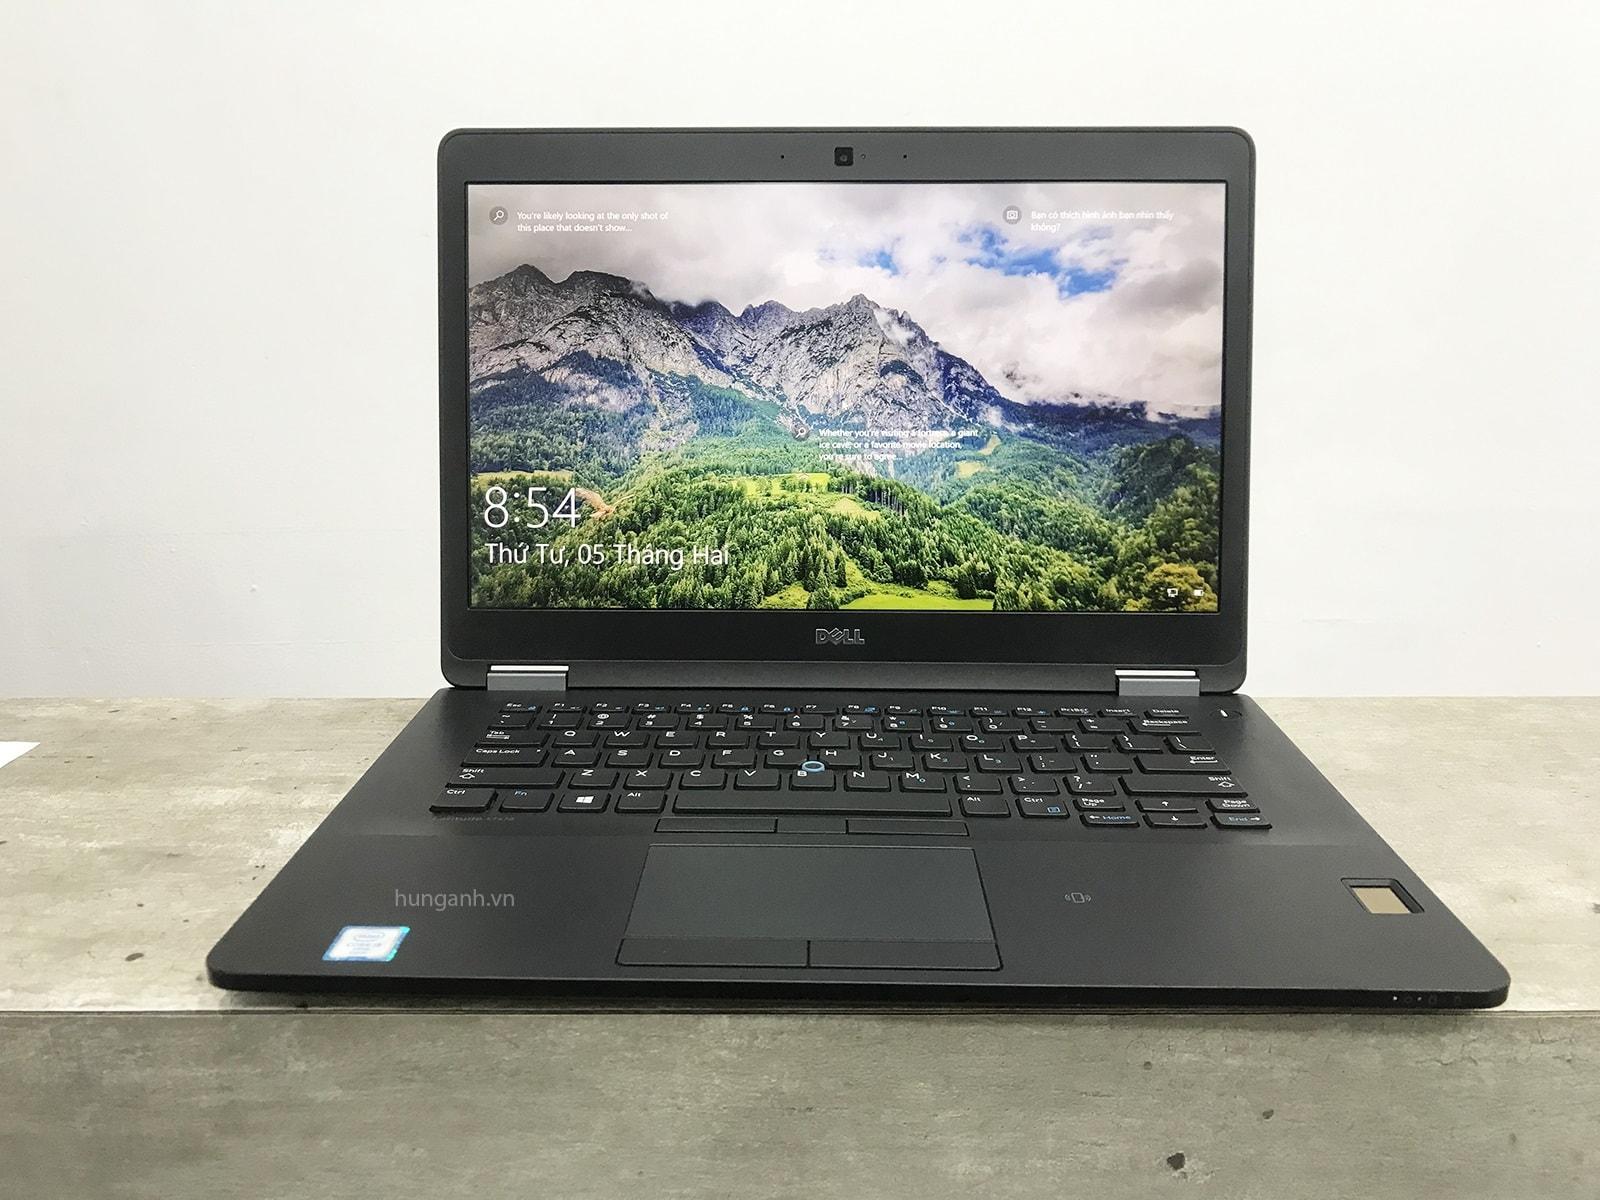 Dell Latitude E7470 Core i5 6300U/ 8GB/ 256GB/ 14 Inch/ HD Graphics 520